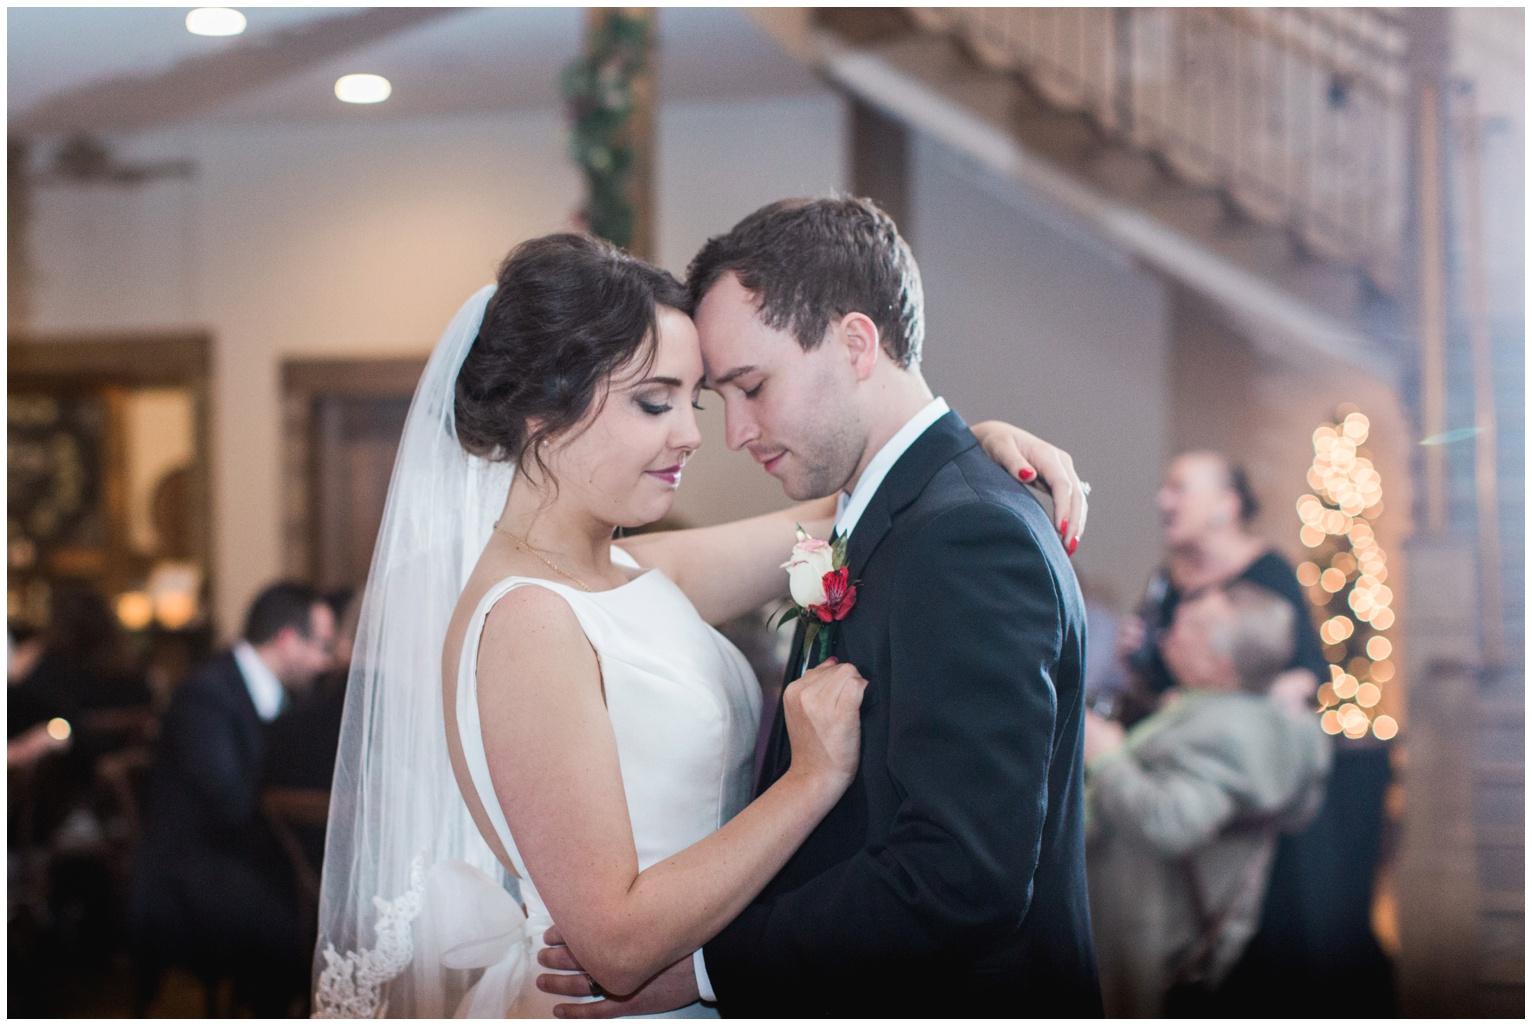 wedding photography st louis_lauren muckler photography_film photographer_film wedding_0027.jpg